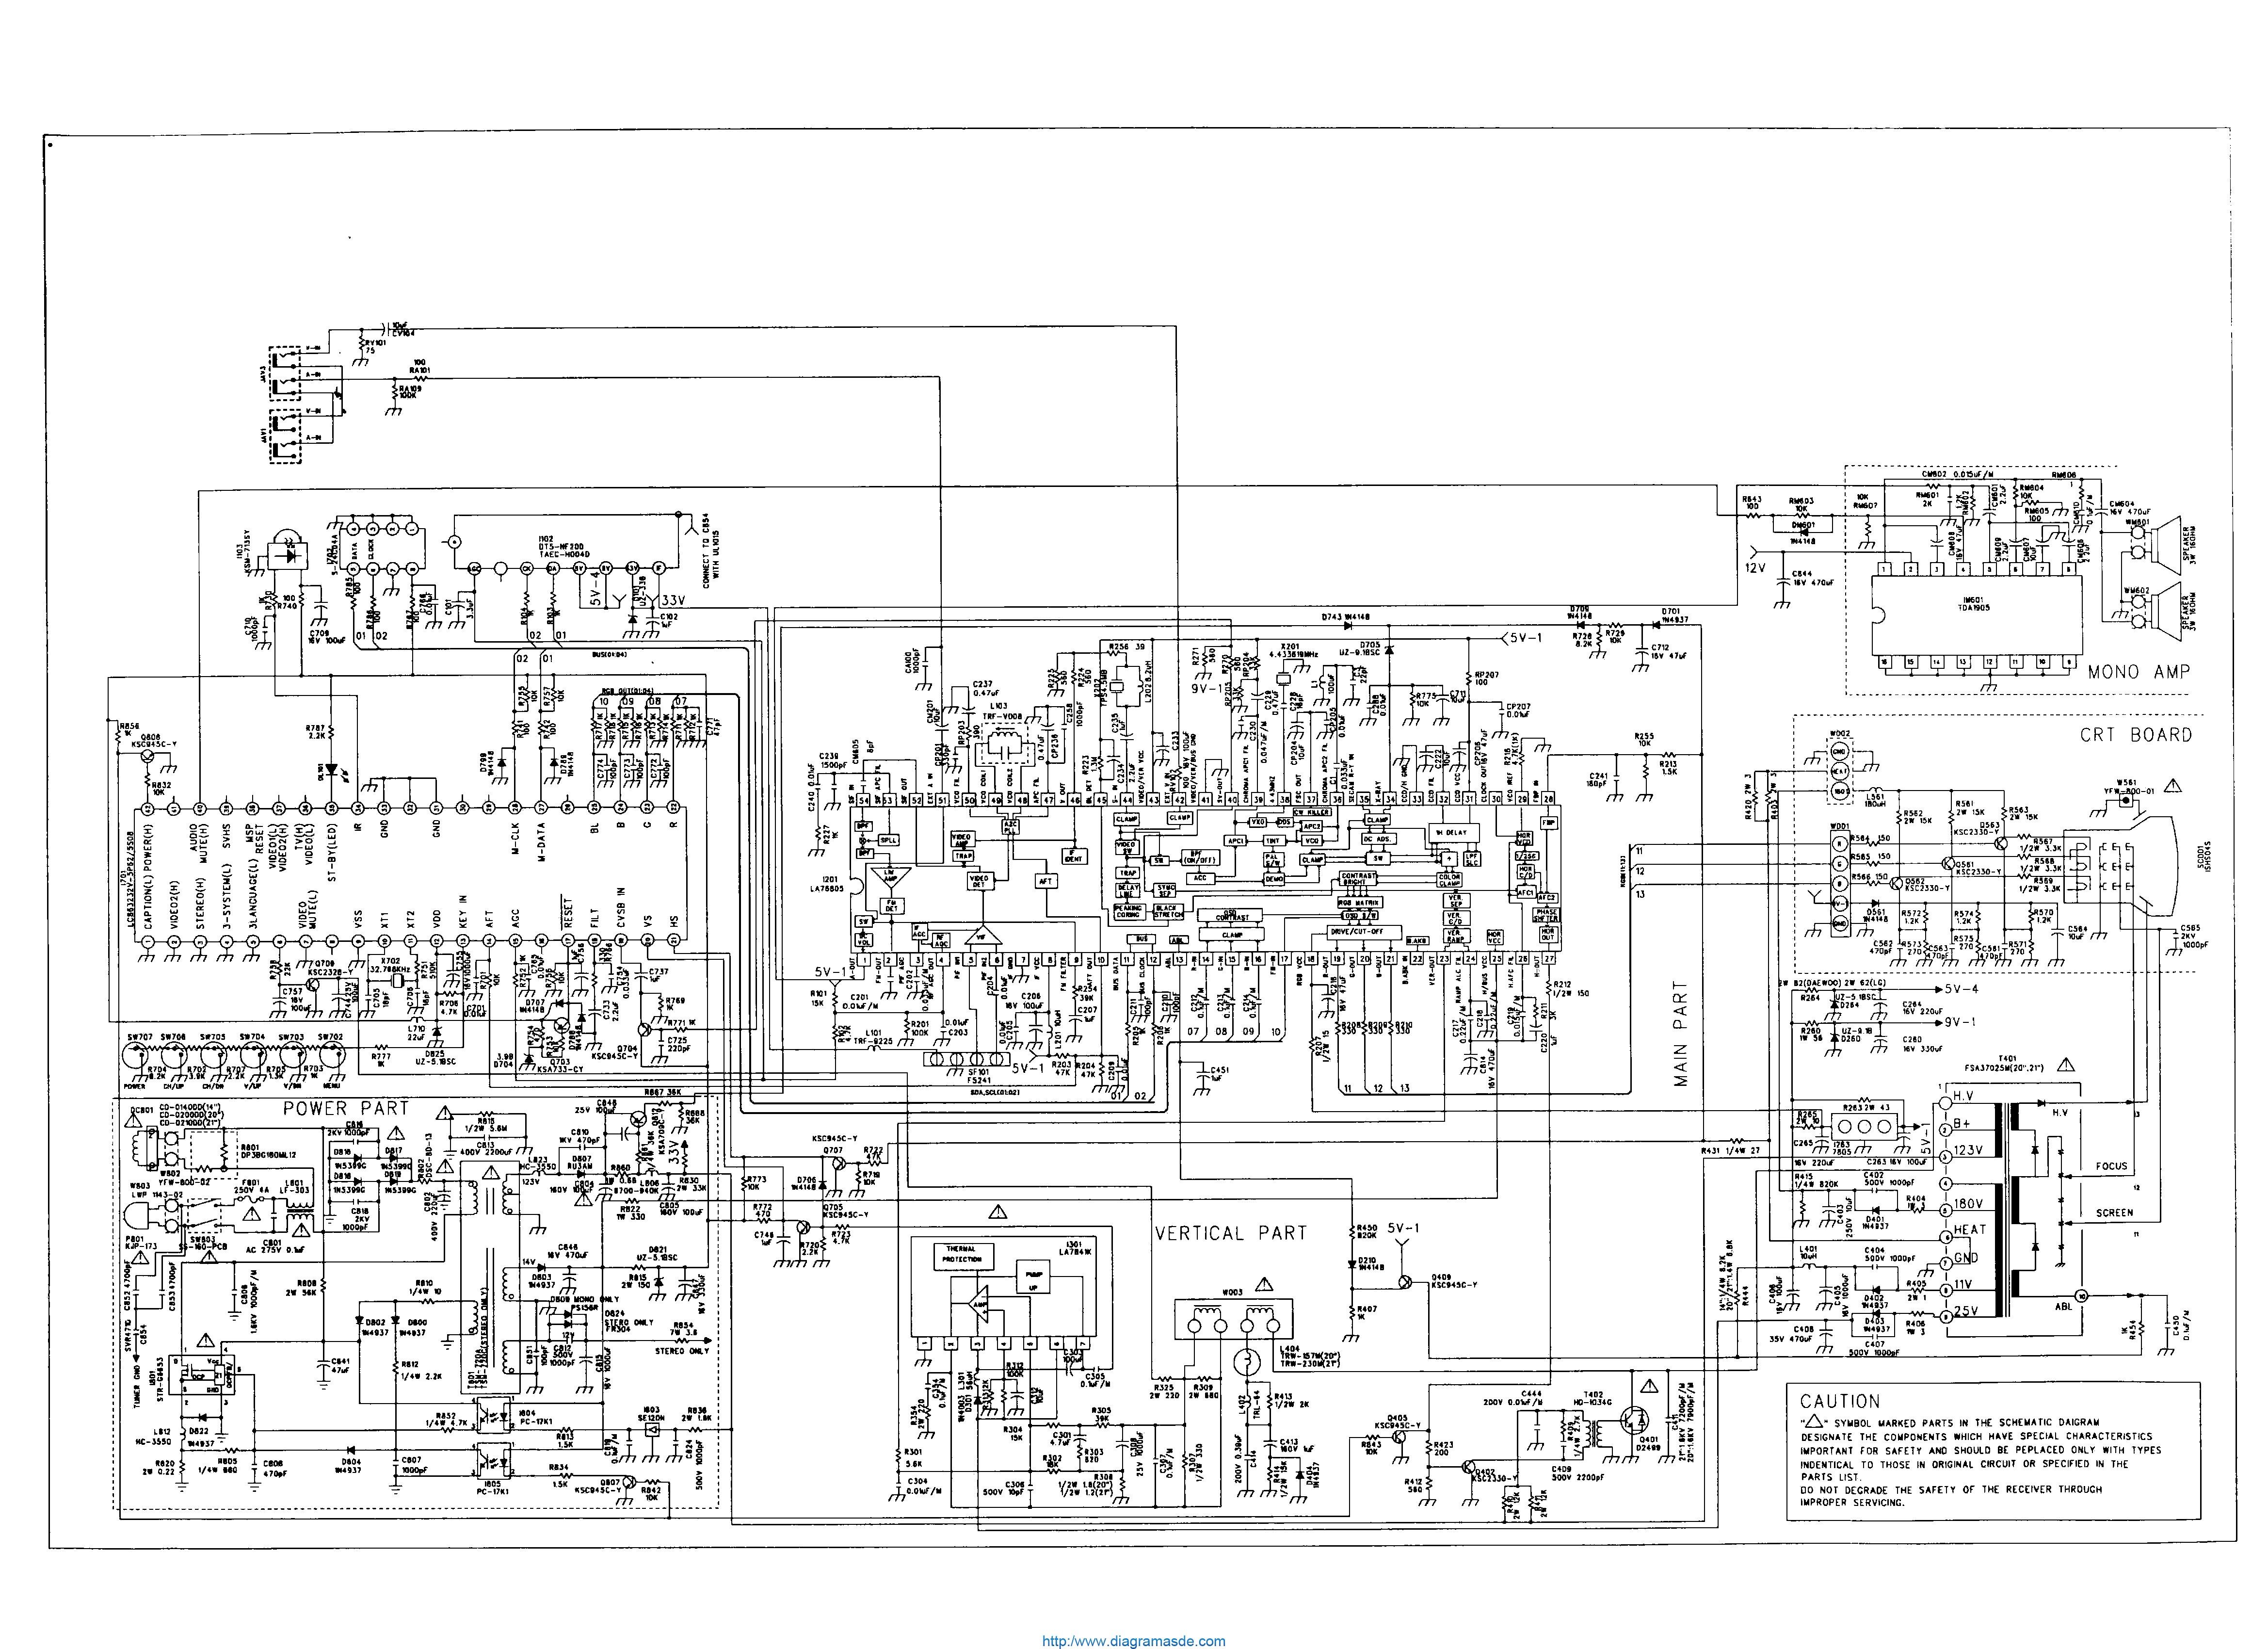 Hitachi CDH-21BM4.pdf